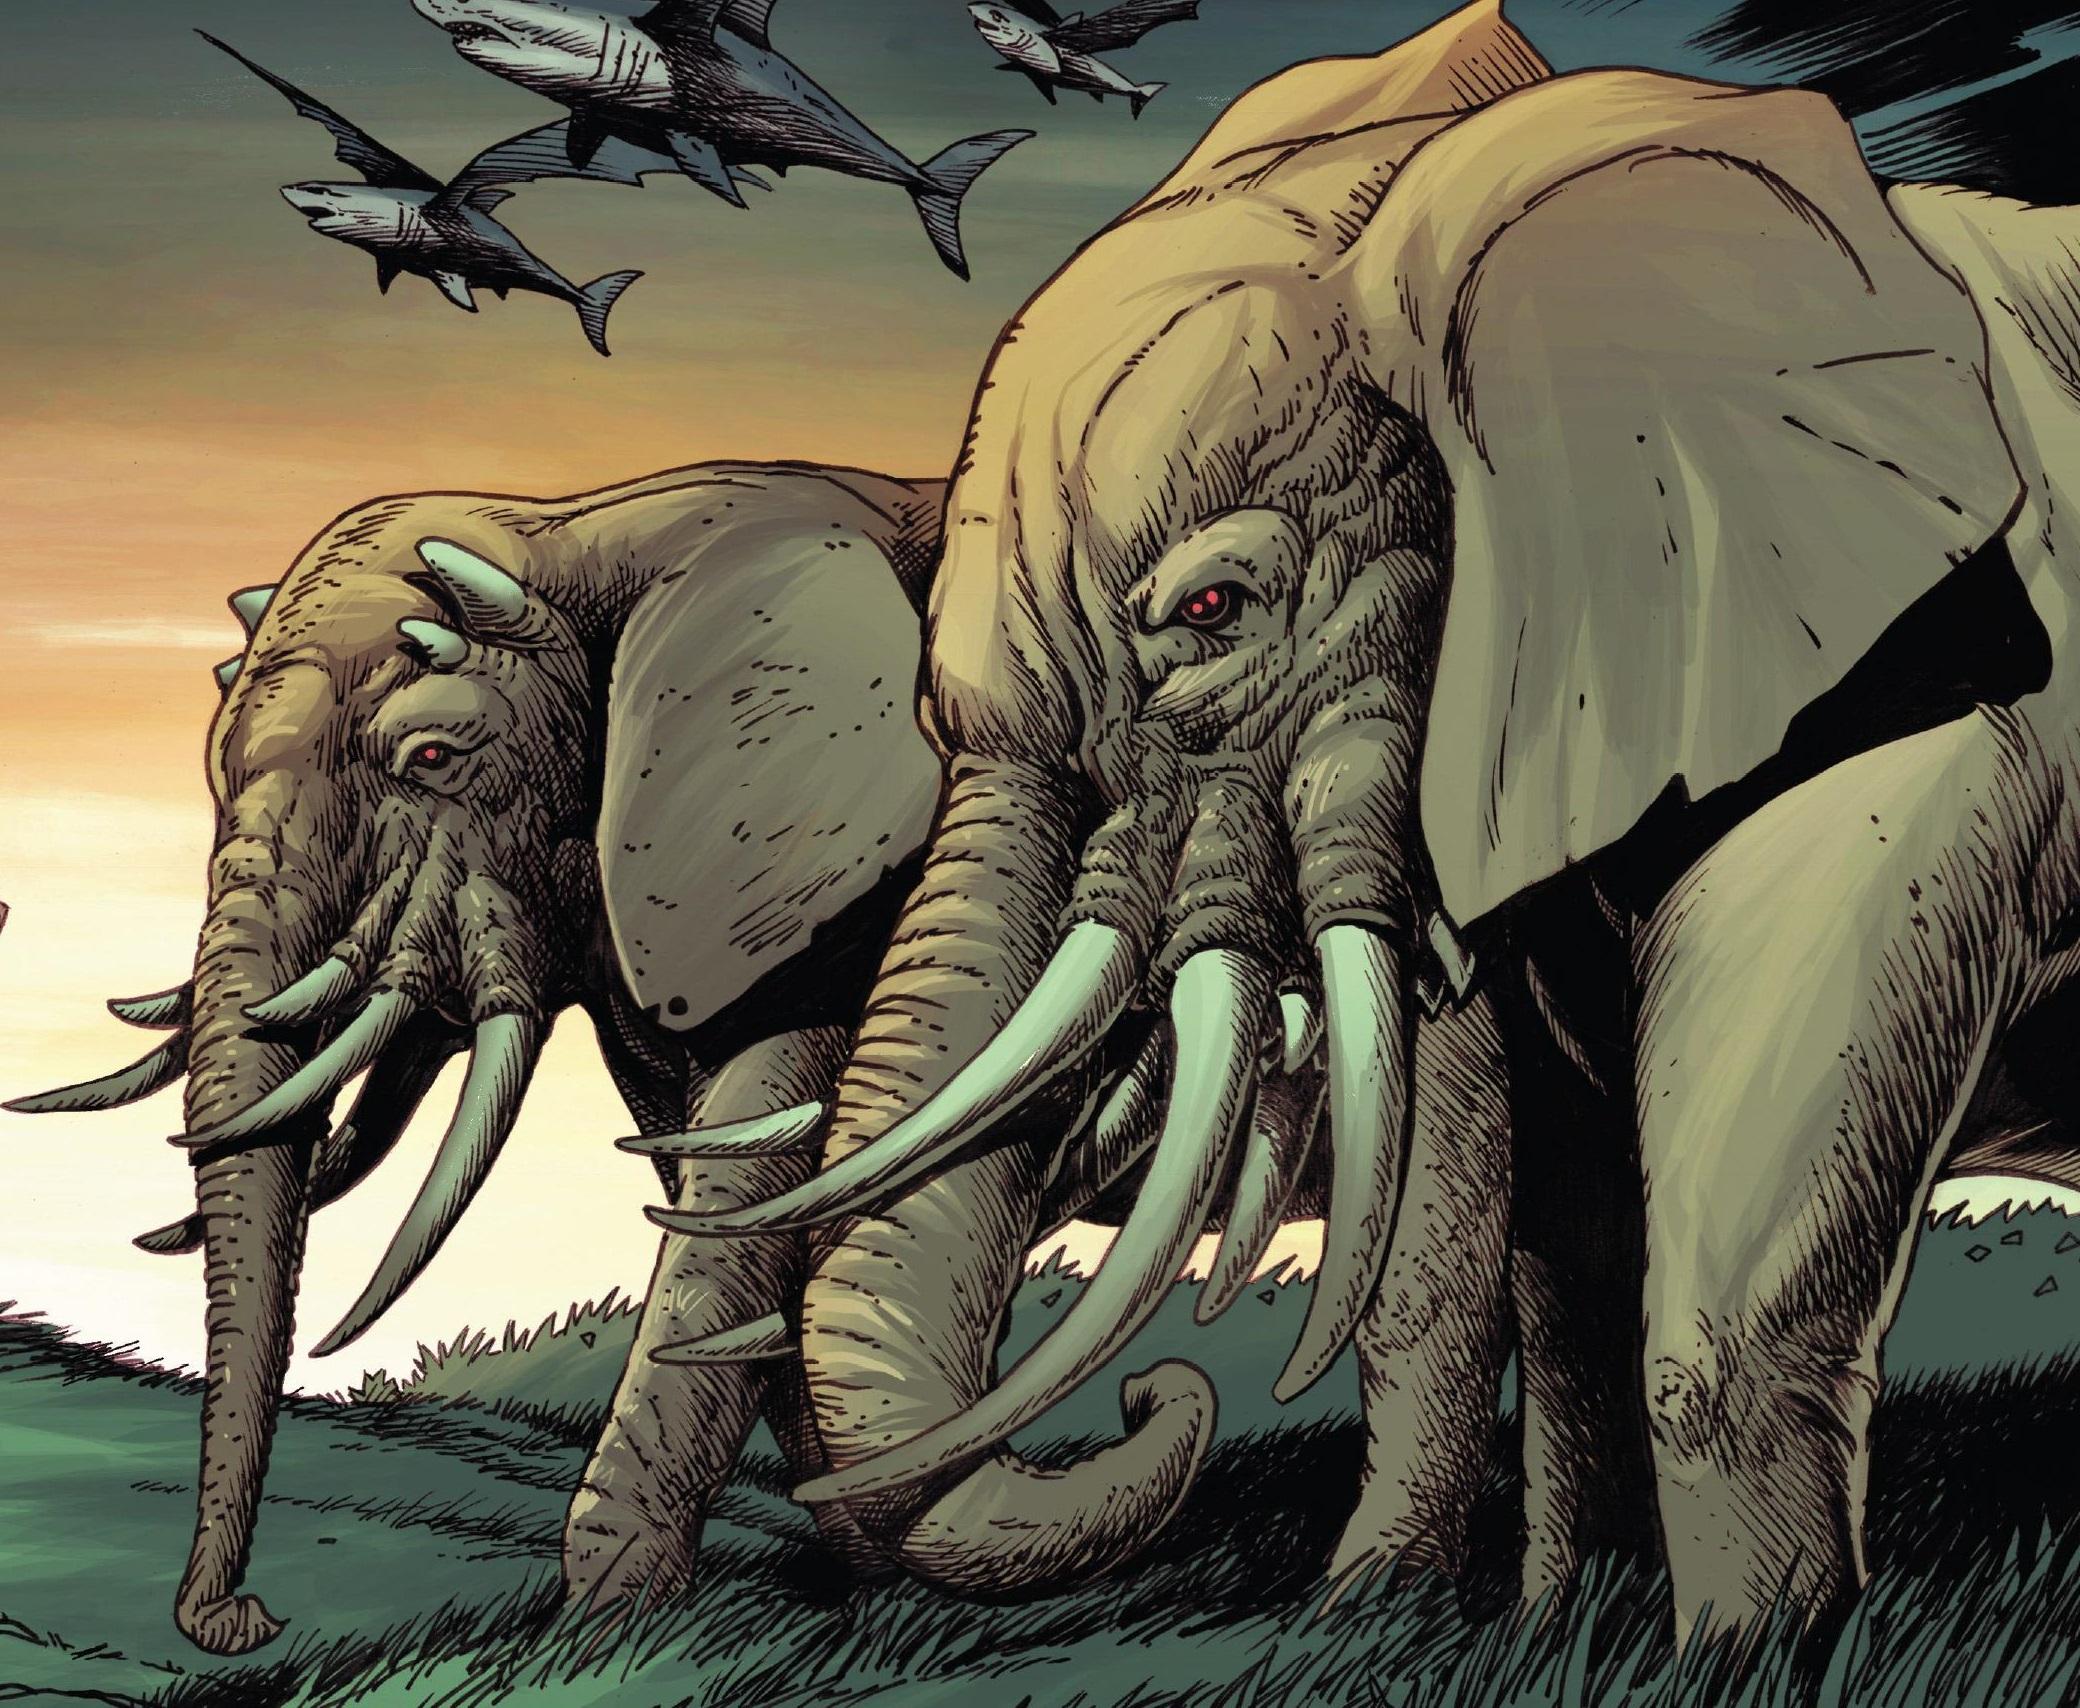 Multi-Tusked Elephants